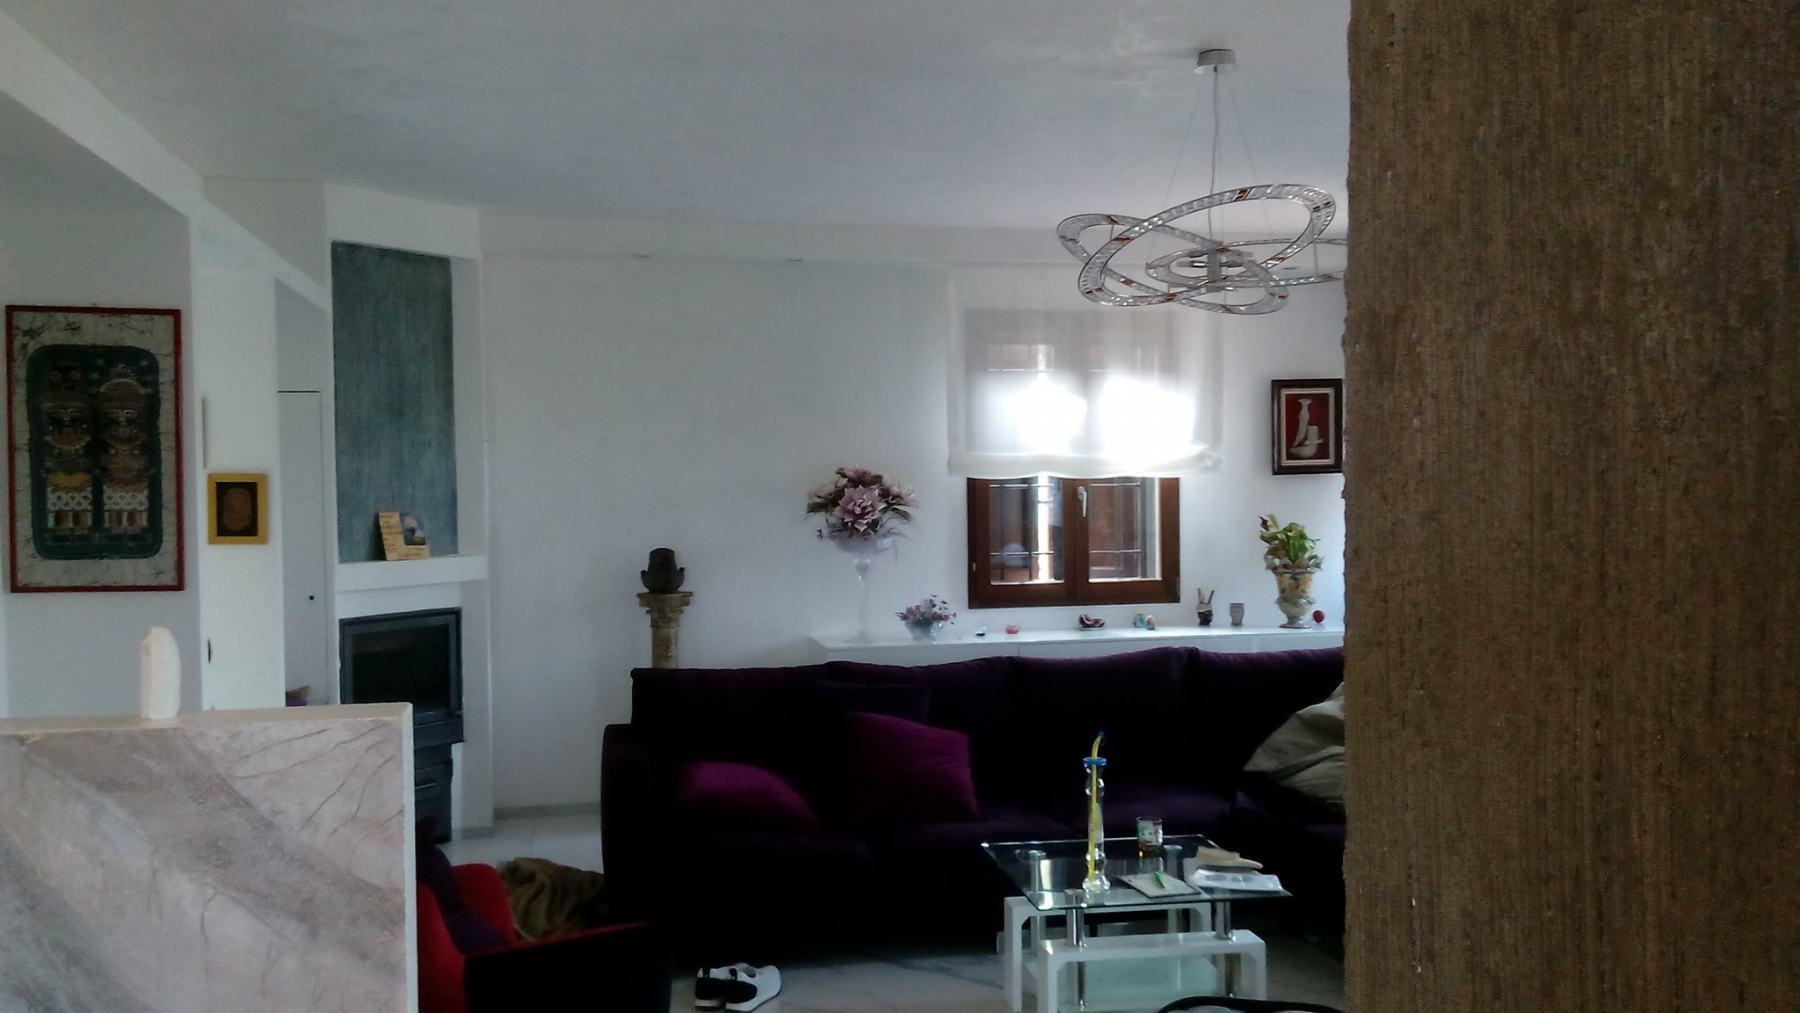 soffitto e parete frontale in stucco  veneziano bianco